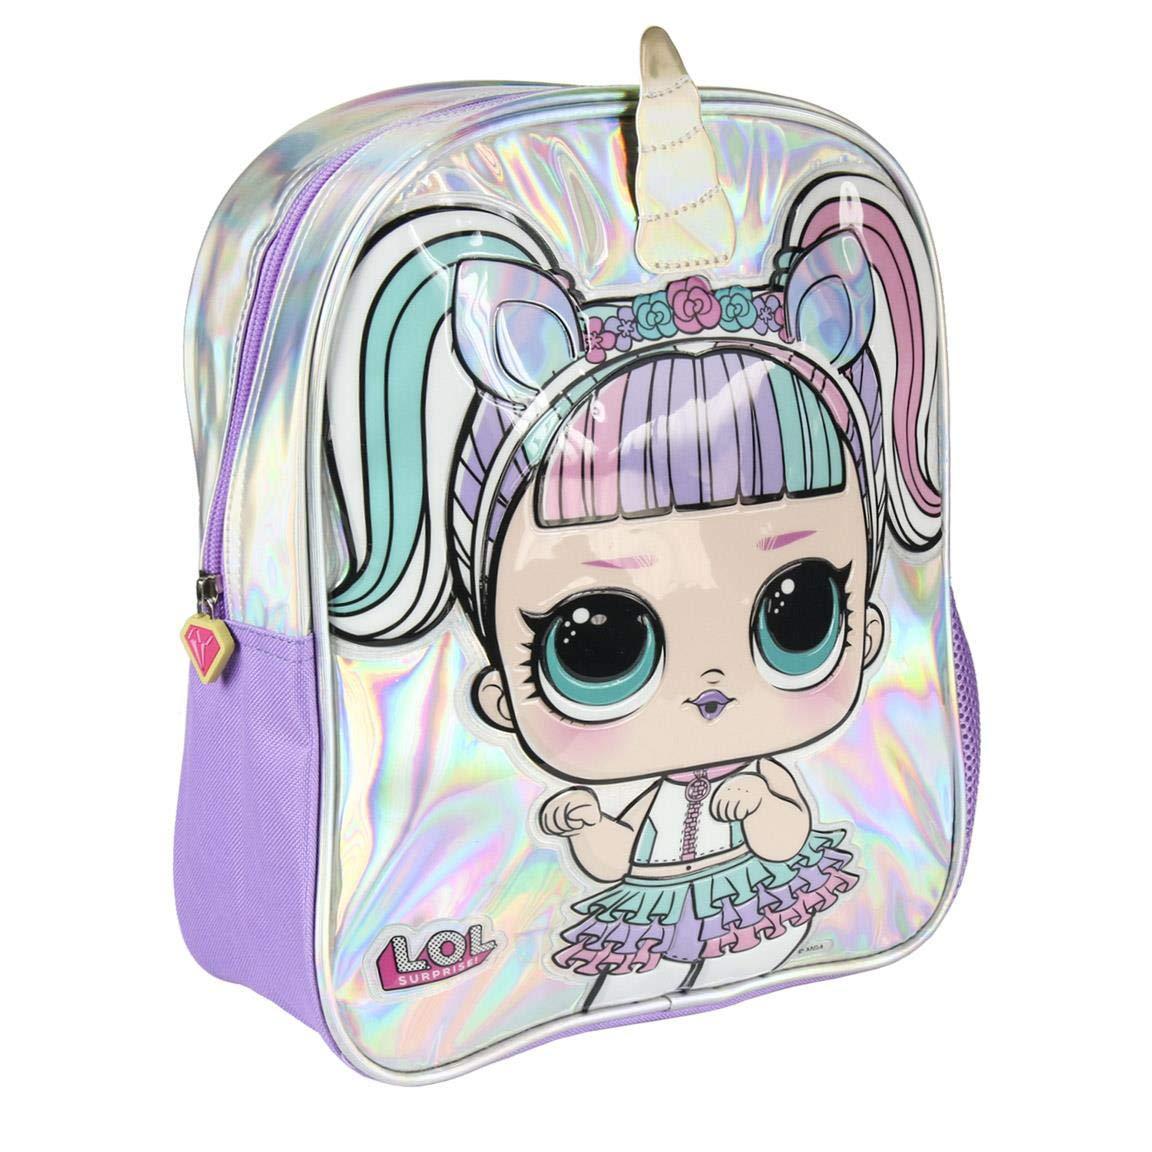 negozio ufficiale Più affidabile colore attraente Cerdá Lol 2019 Zainetto per bambini, 32 cm, Multicolore (Multicolor) -  FACESHOPPING